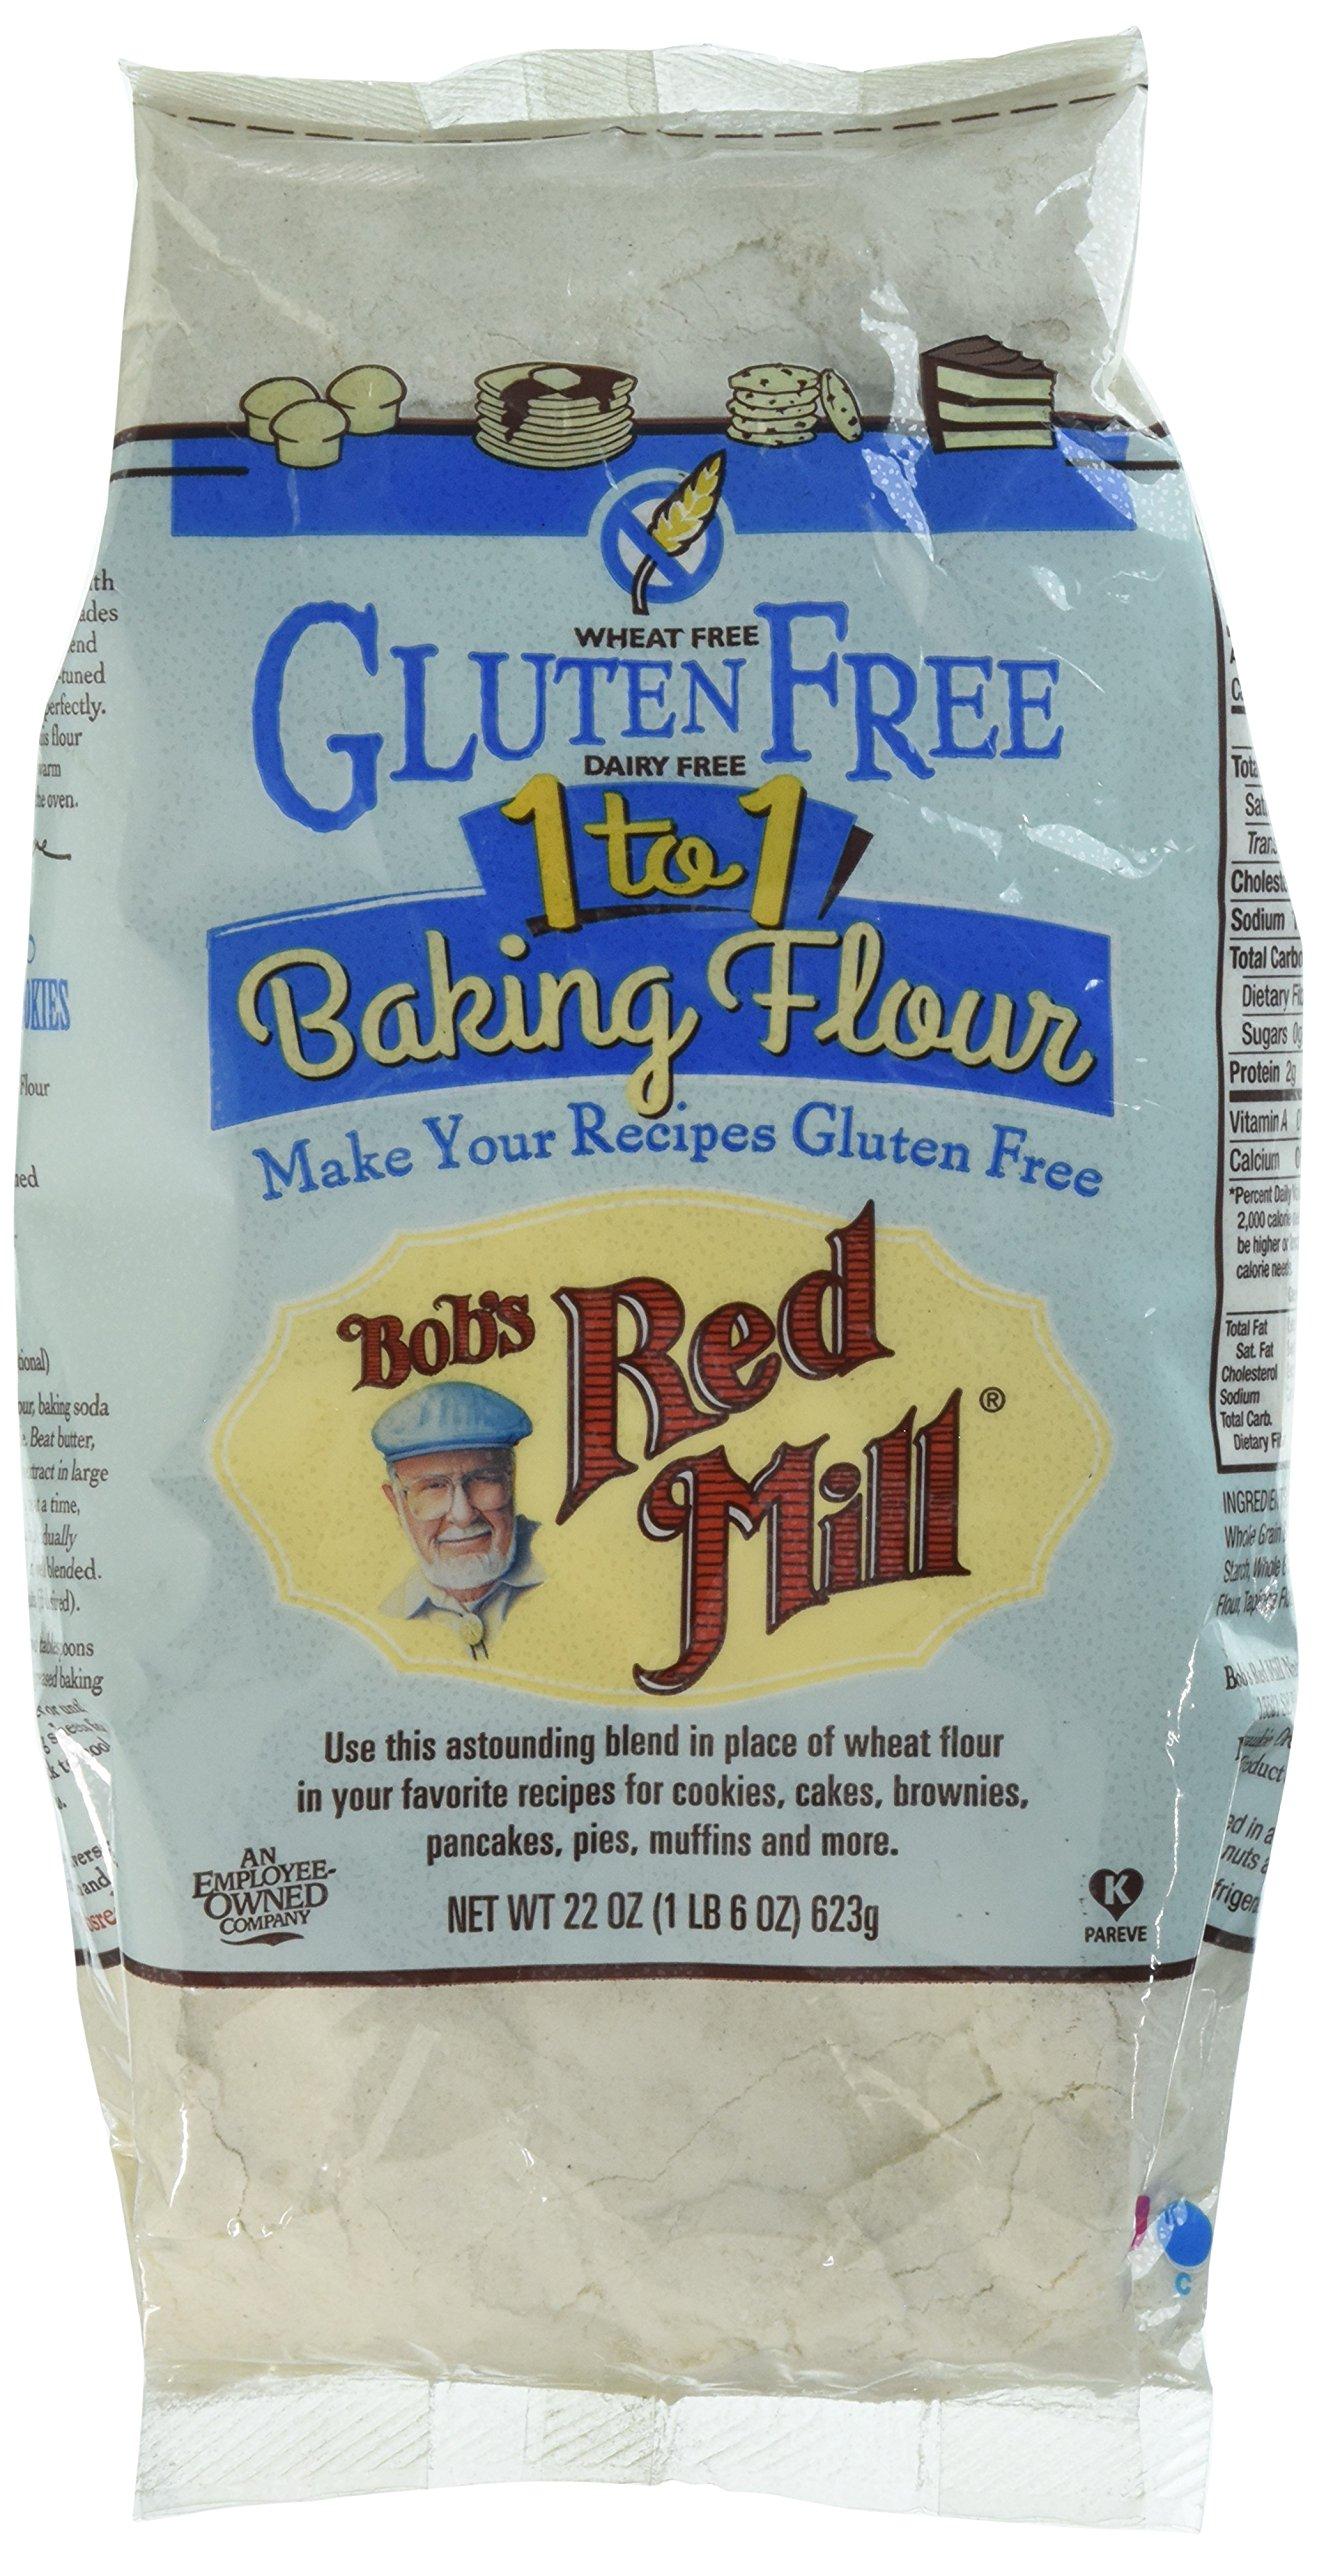 Amazon.com : Bob's Red Mill Gluten Free All Purpose Baking